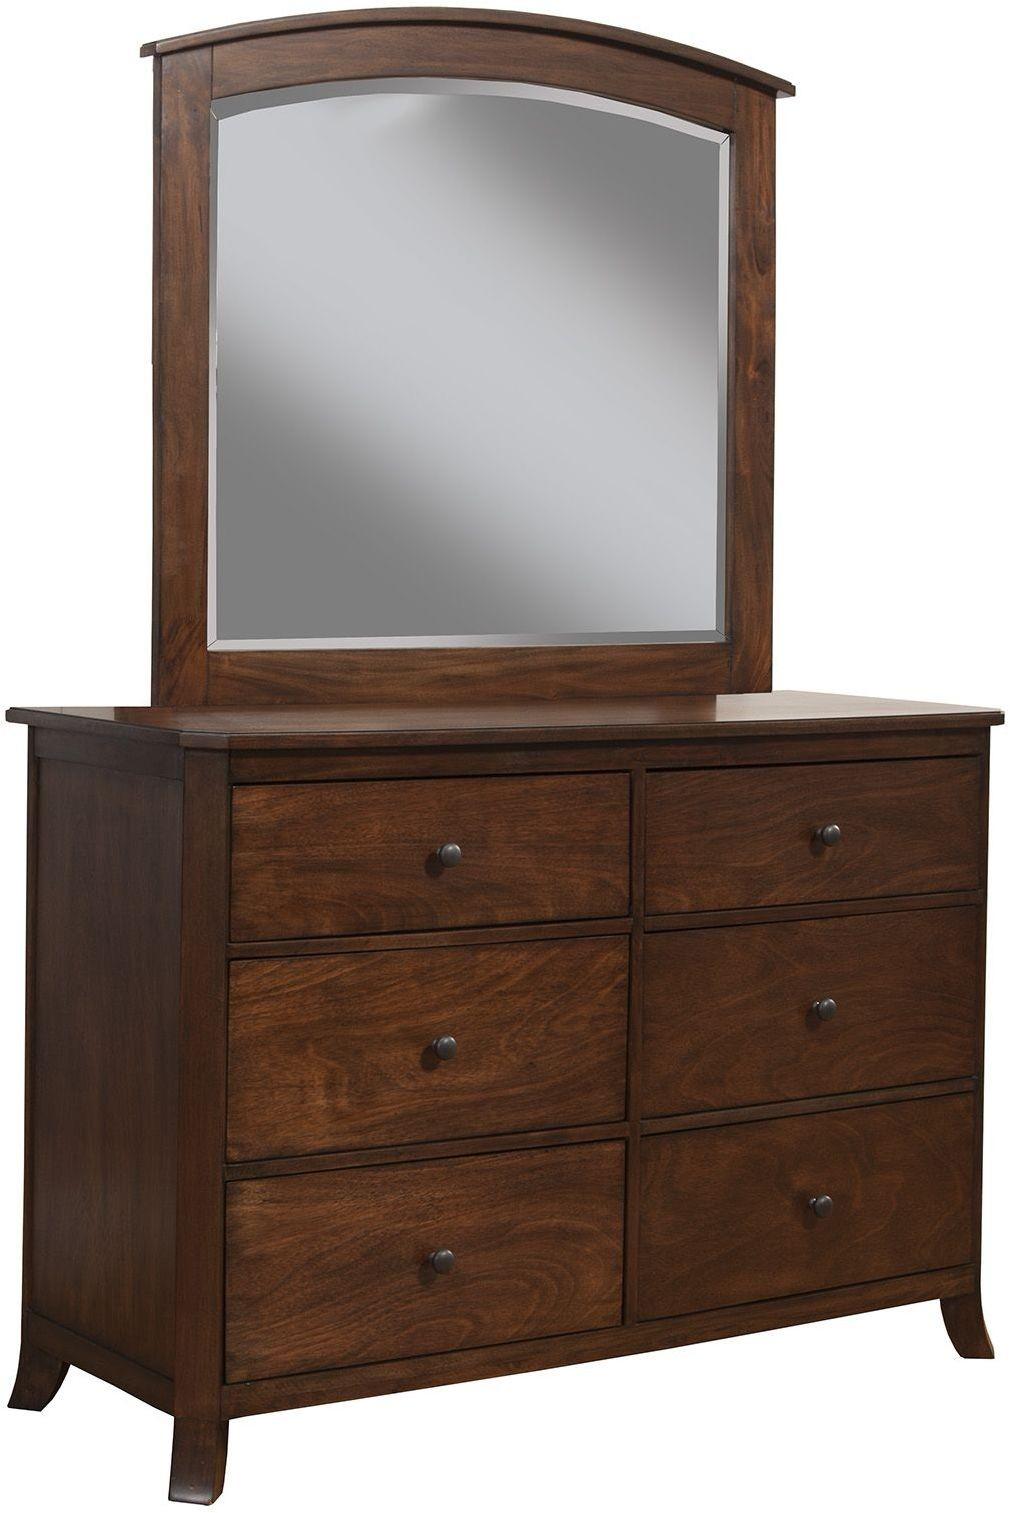 baker mahogany panel bedroom set from alpine coleman furniture. Black Bedroom Furniture Sets. Home Design Ideas